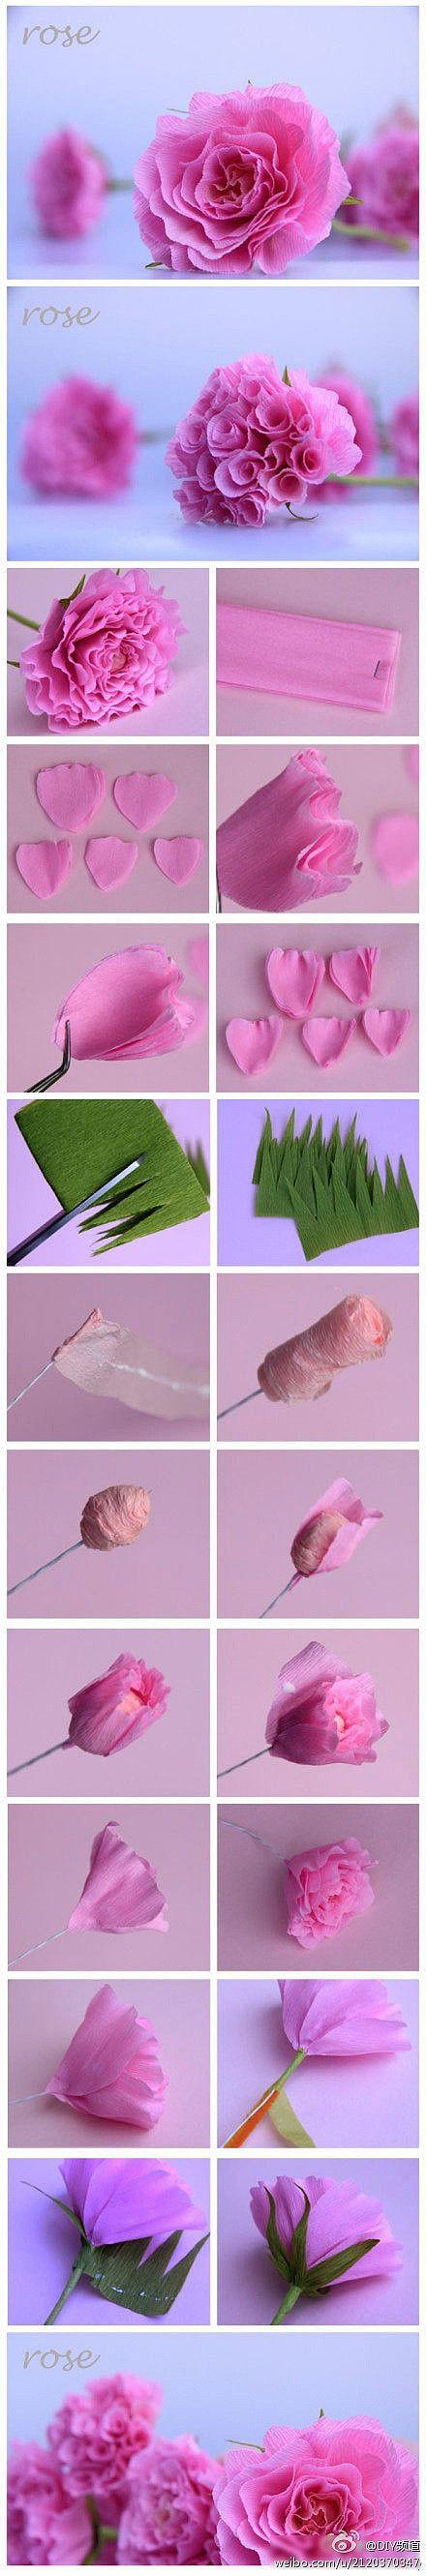 die besten 25 krepppapier ideen auf pinterest krepp papier handwerk krepppapierblumen und. Black Bedroom Furniture Sets. Home Design Ideas